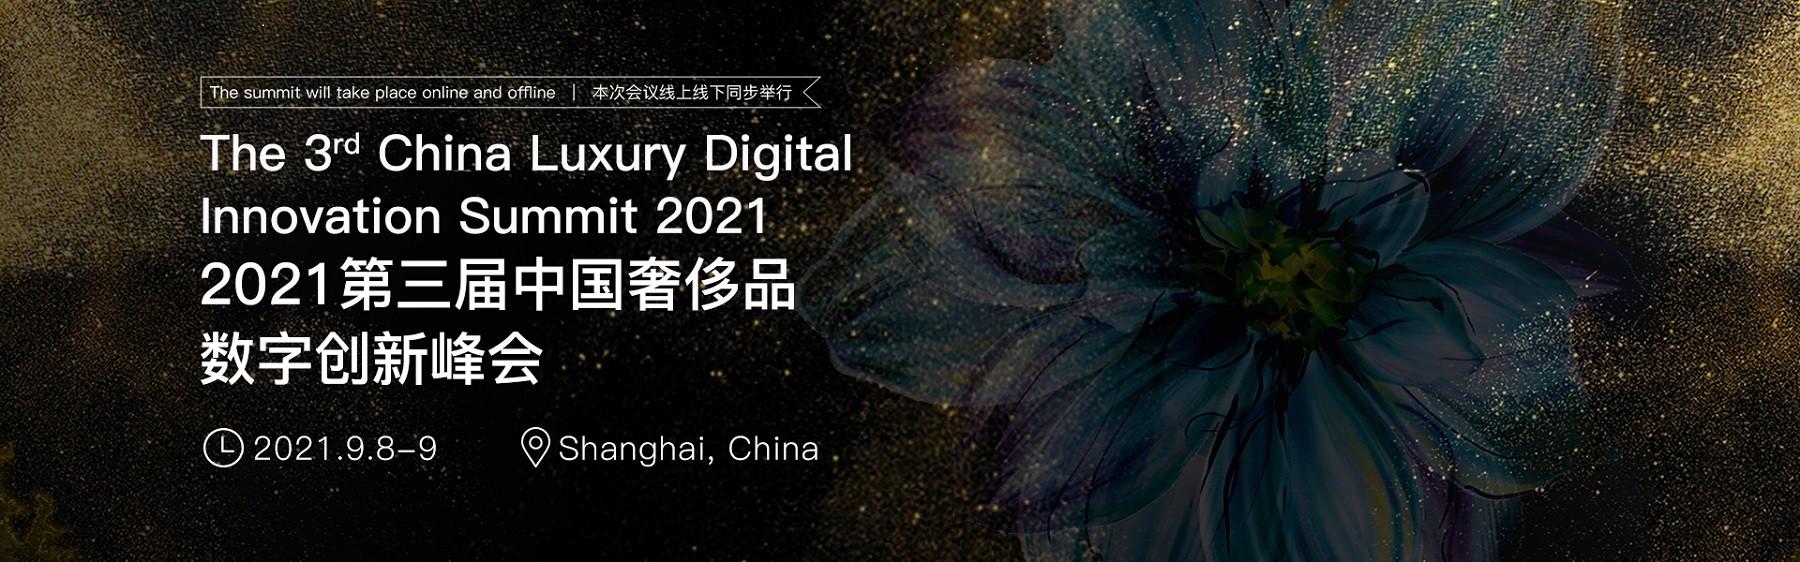 2021第三届中国奢侈品数字化创新峰会